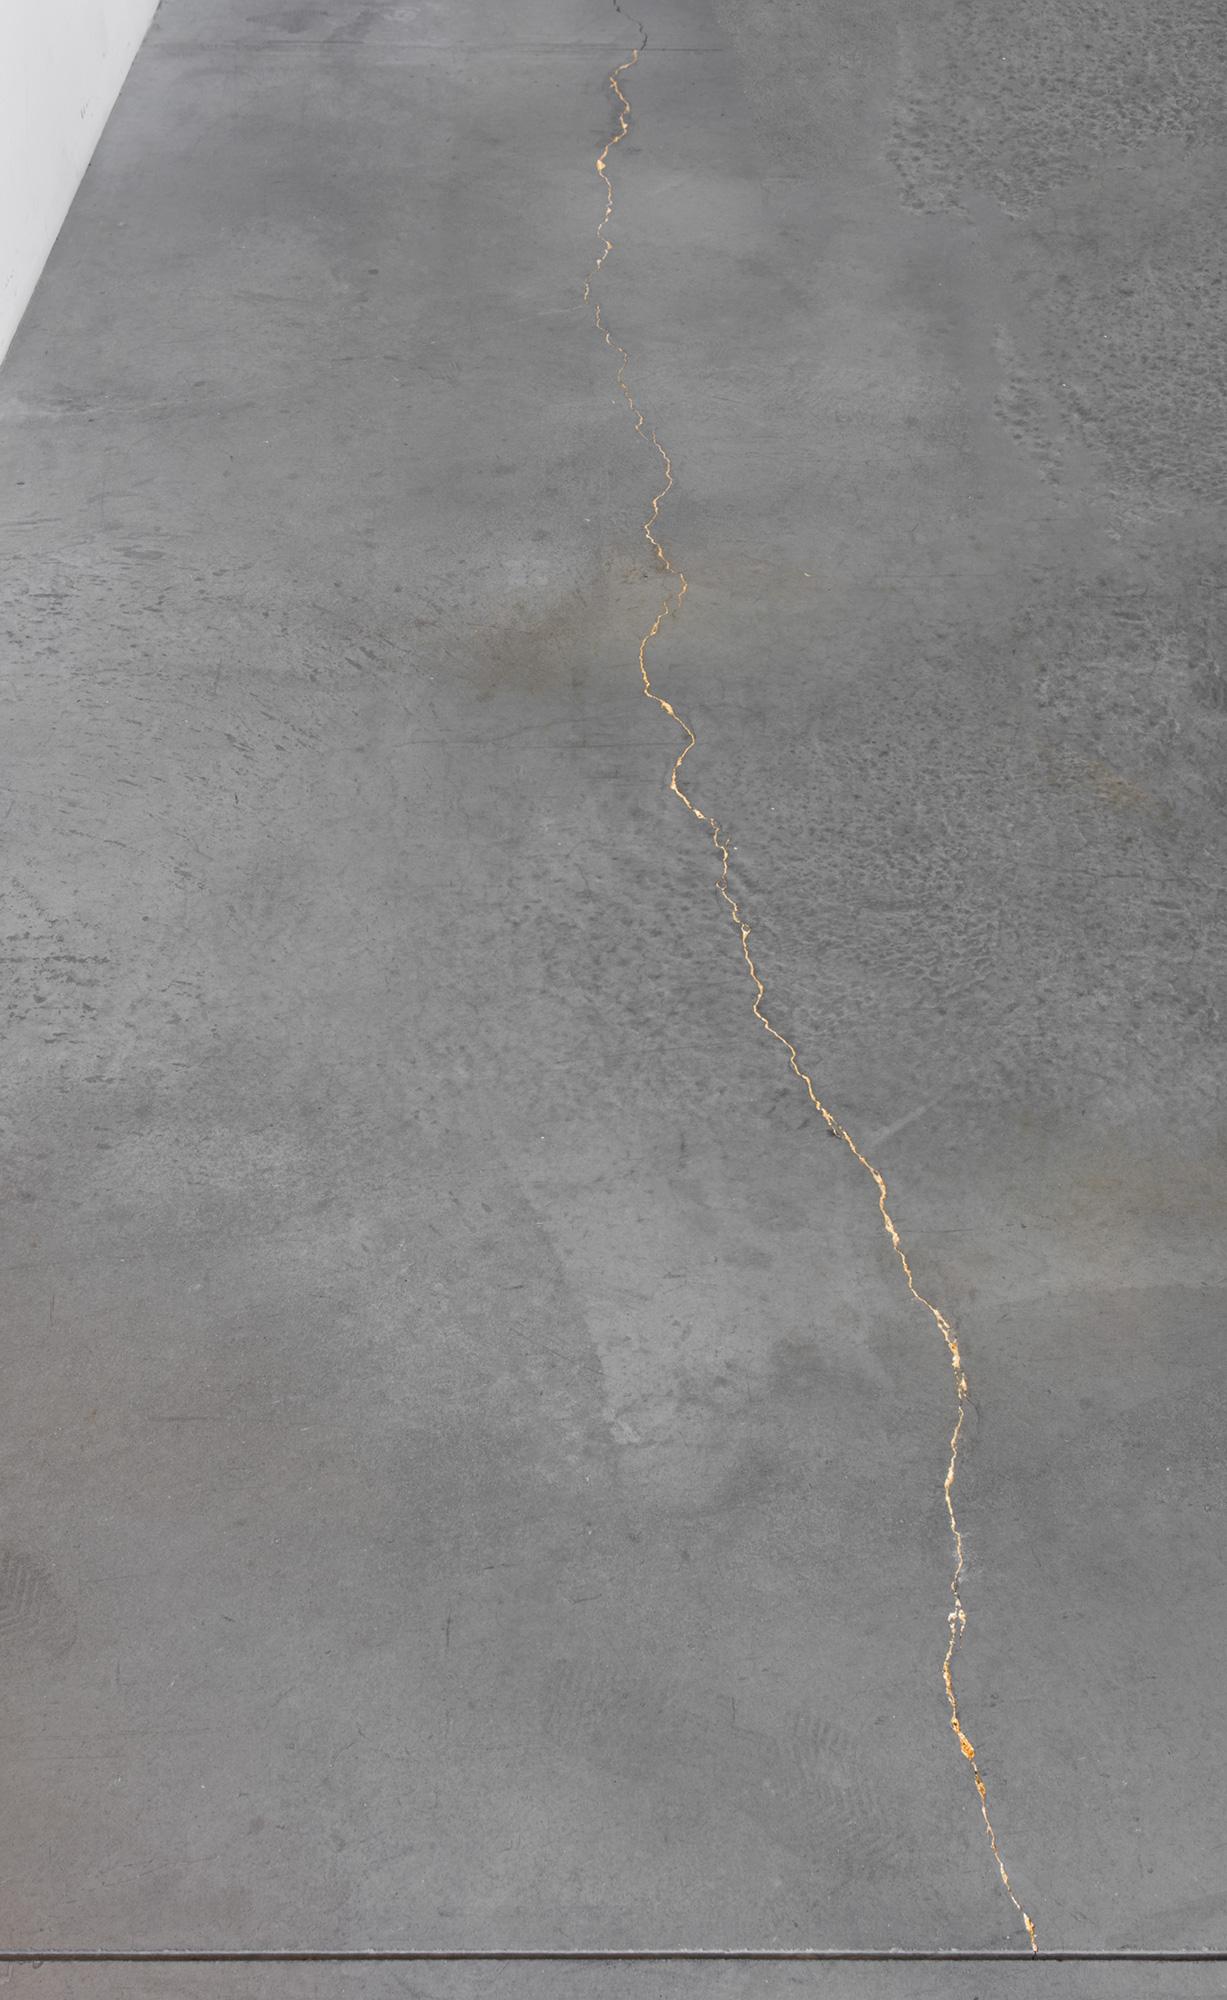 Foundation Crack   2018  22 karat gold leaf  Dimensions variable   Equivalents, 2018